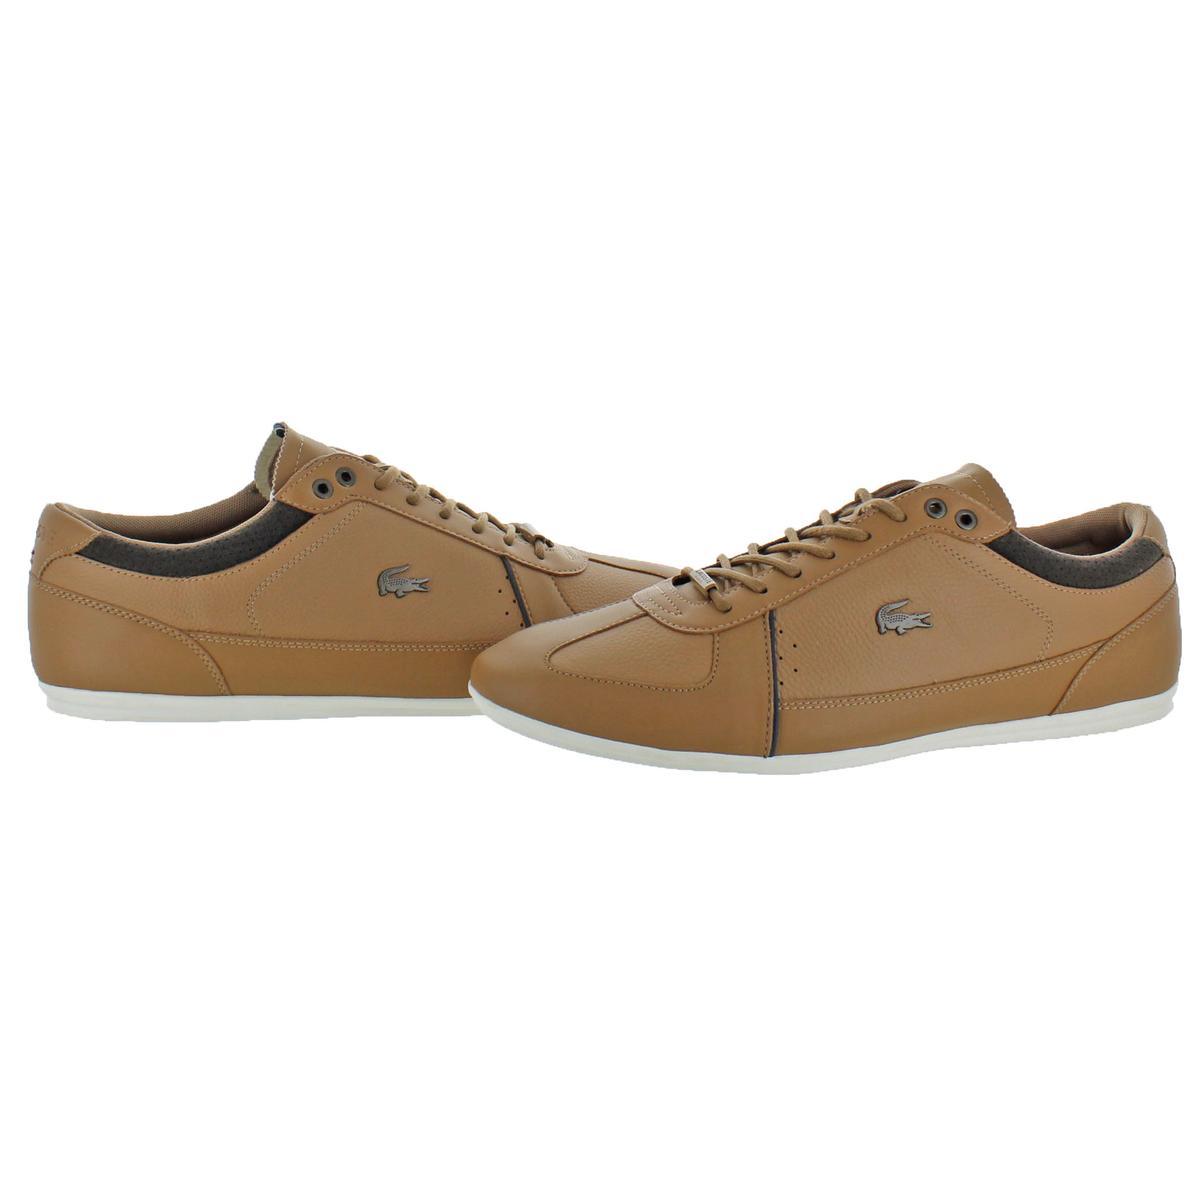 daaeaceb96 Lacoste Men's Evara Leather Embossed Low-Top Slimline Sneaker Shoes